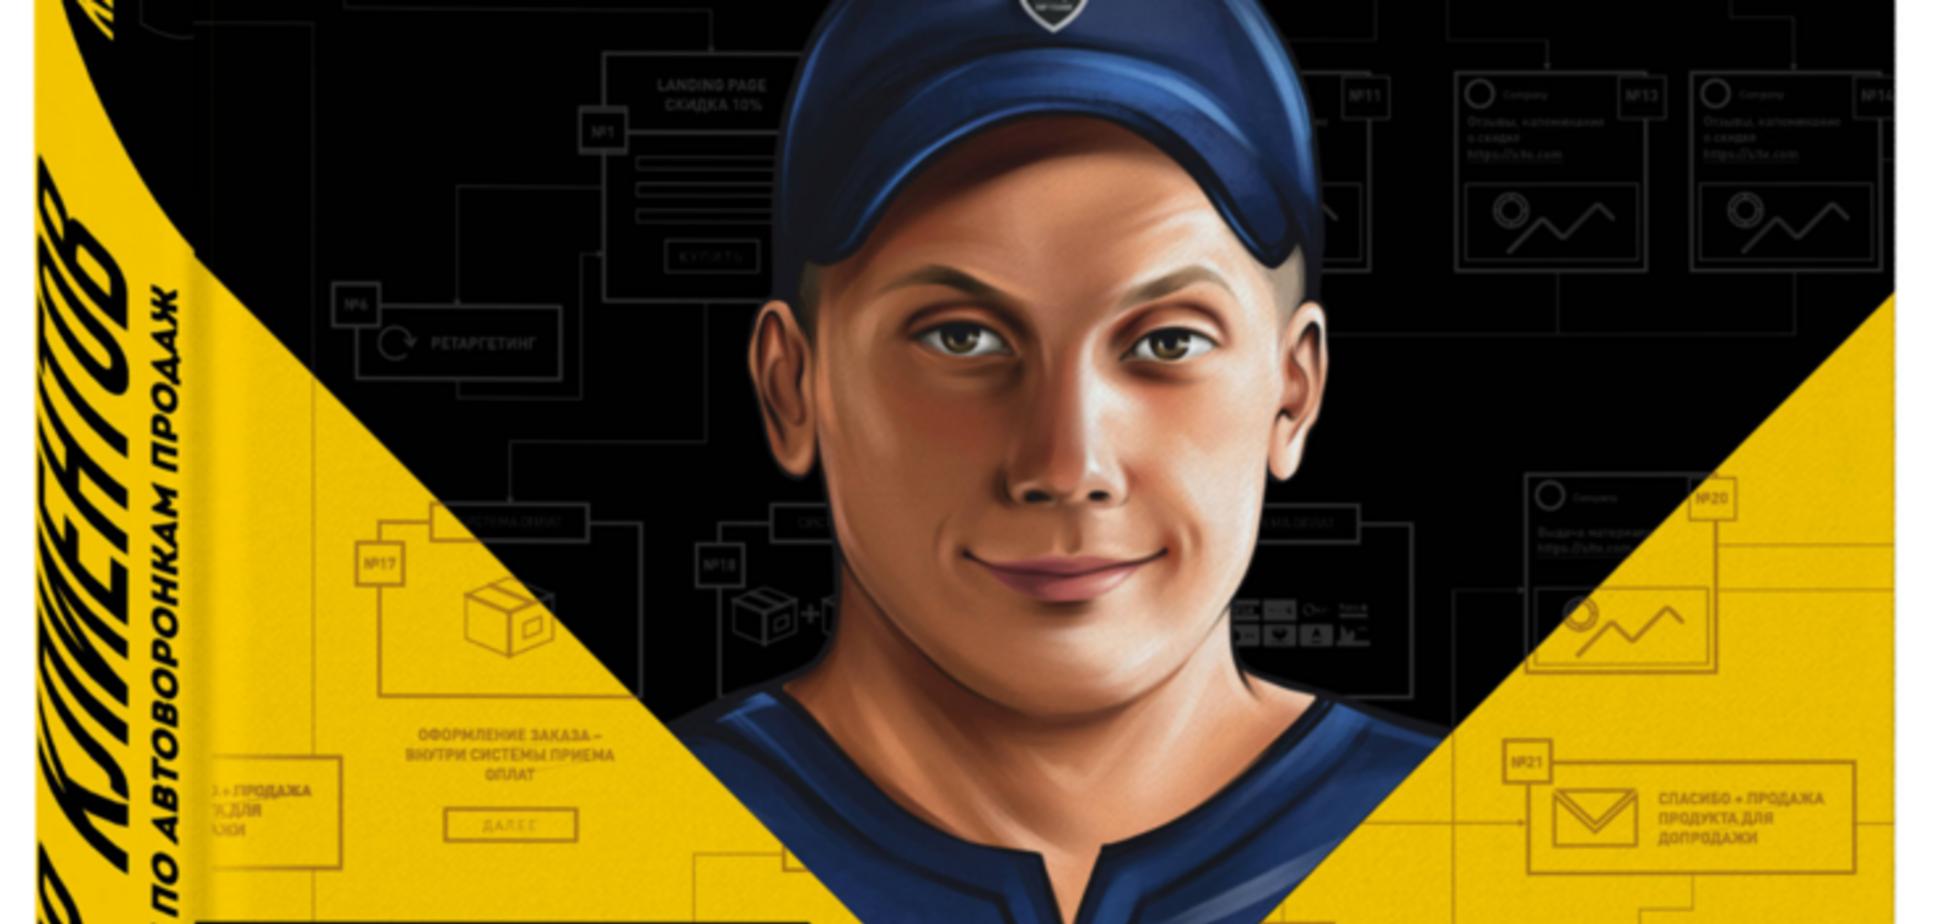 Обзор книги-тренинга 'Генератор клиентов': советы от Кира Уланова